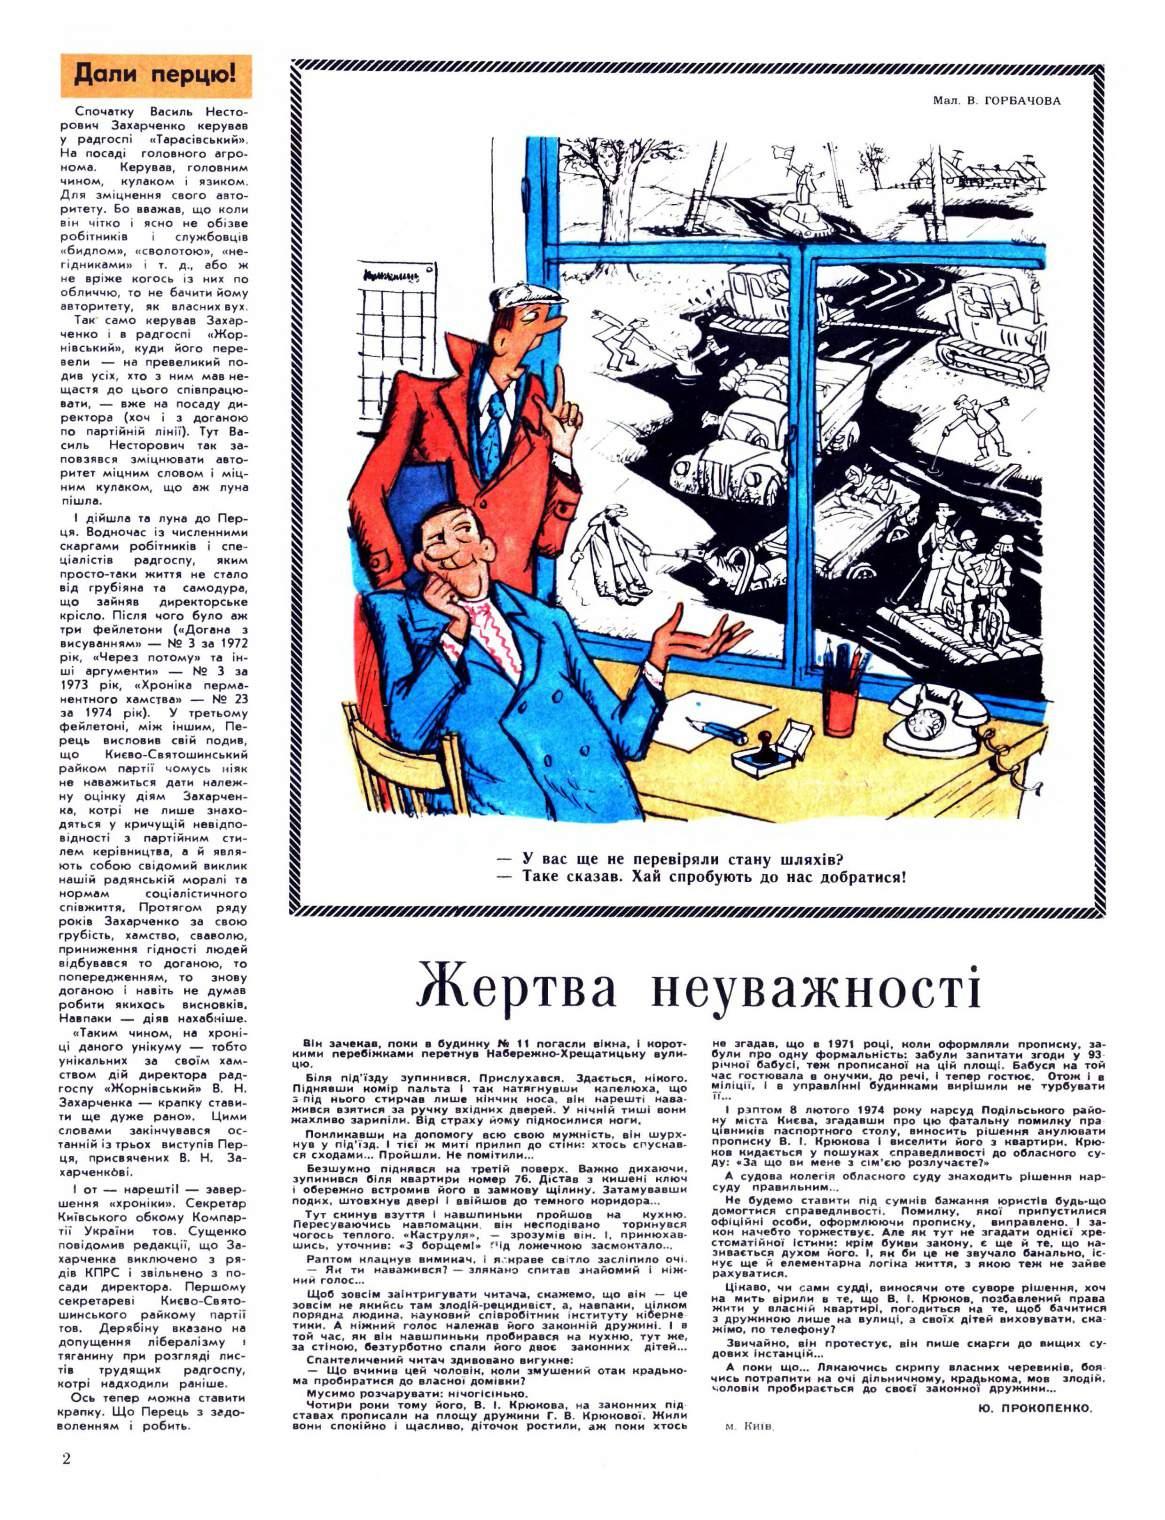 Журнал перець 1975 №06